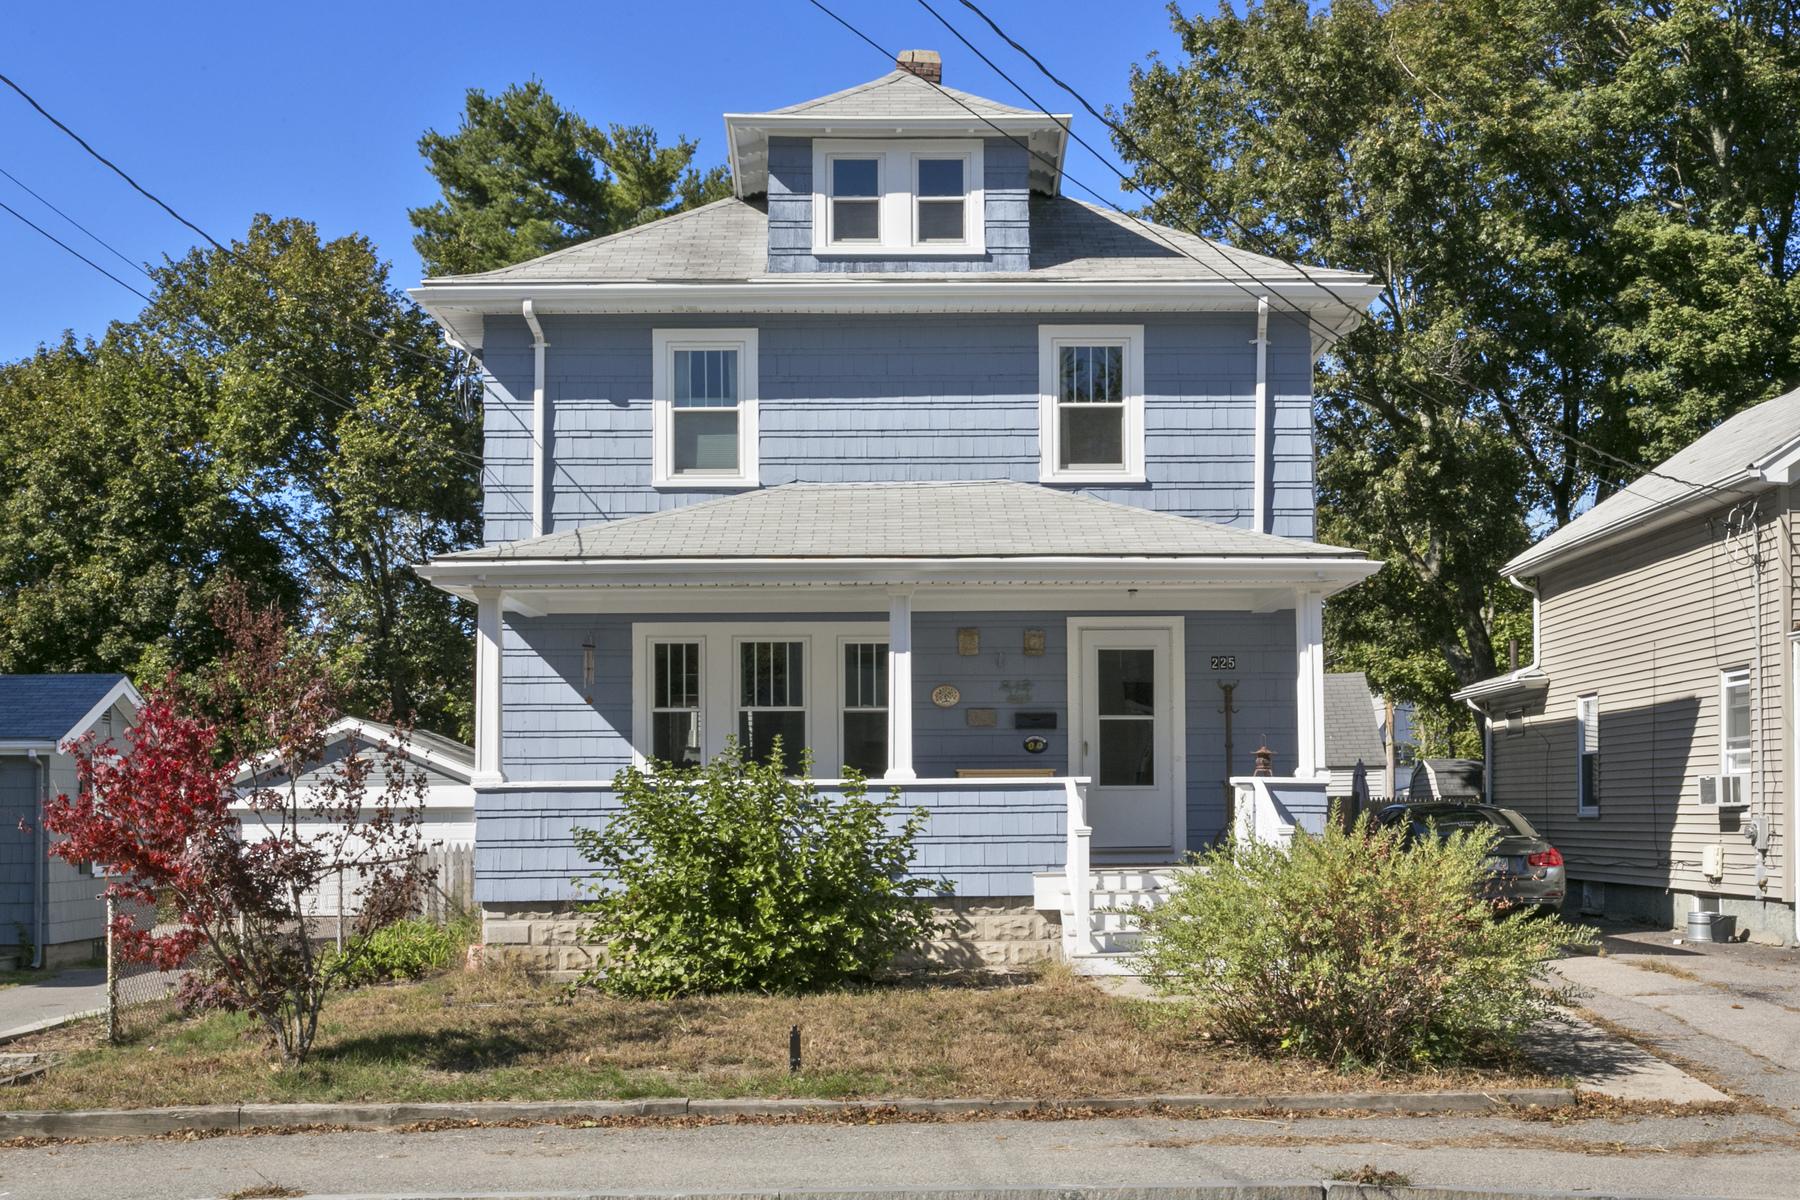 Nhà ở một gia đình vì Bán tại 225 School Street, Stoughton, MA Stoughton, Massachusetts, 02072 Hoa Kỳ